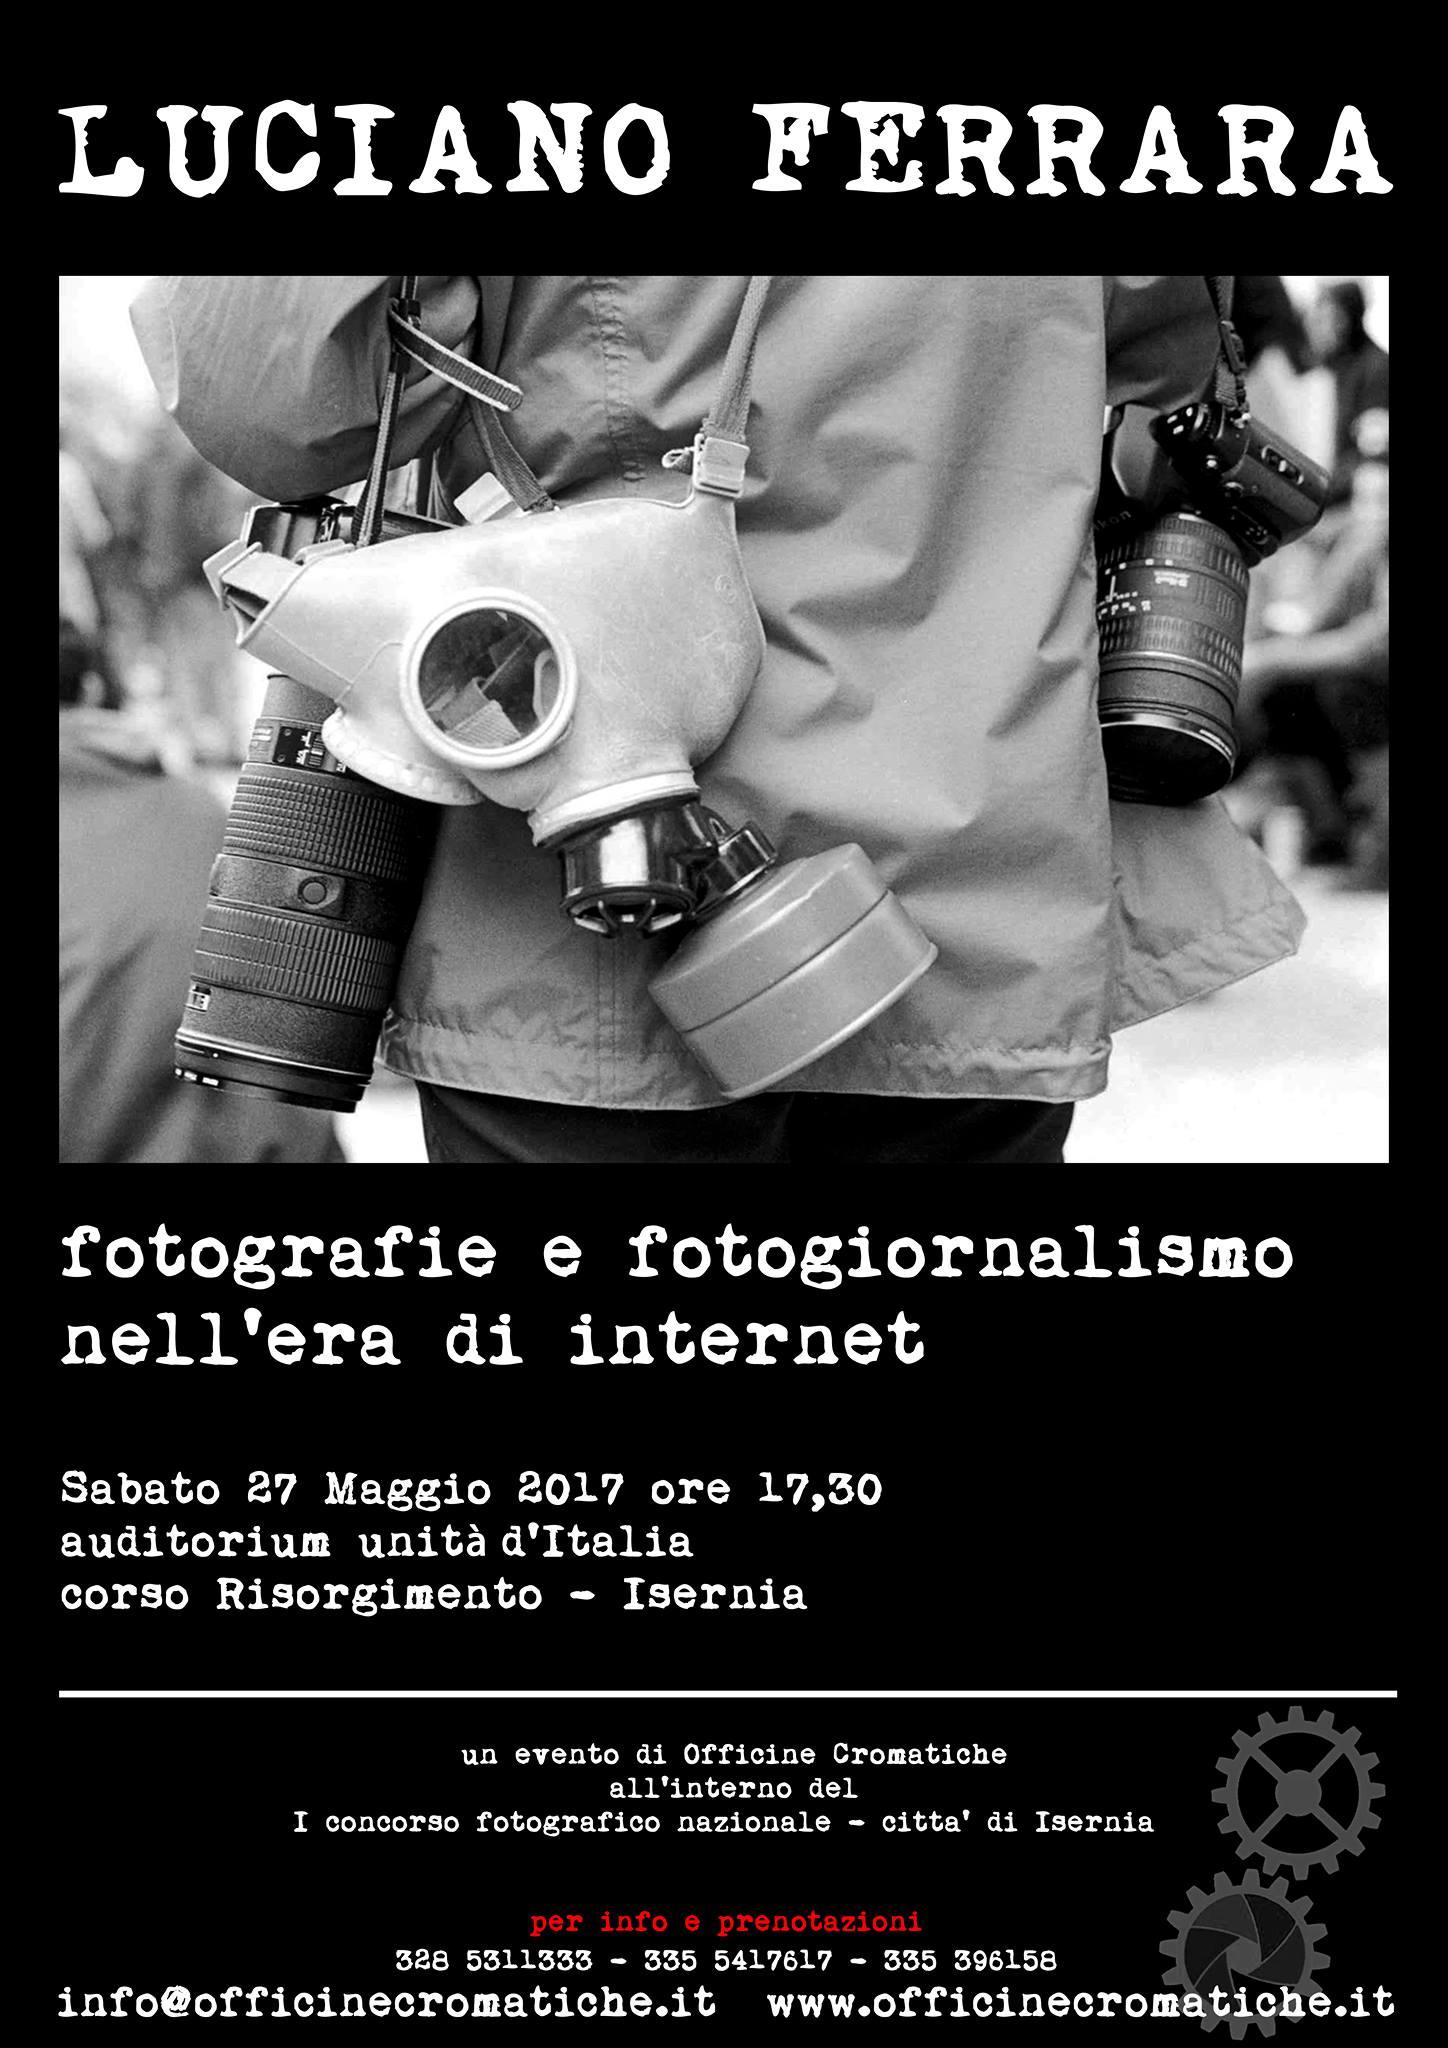 Luciano Ferrara Fotografie e fotogiornalismo nell'era di internet